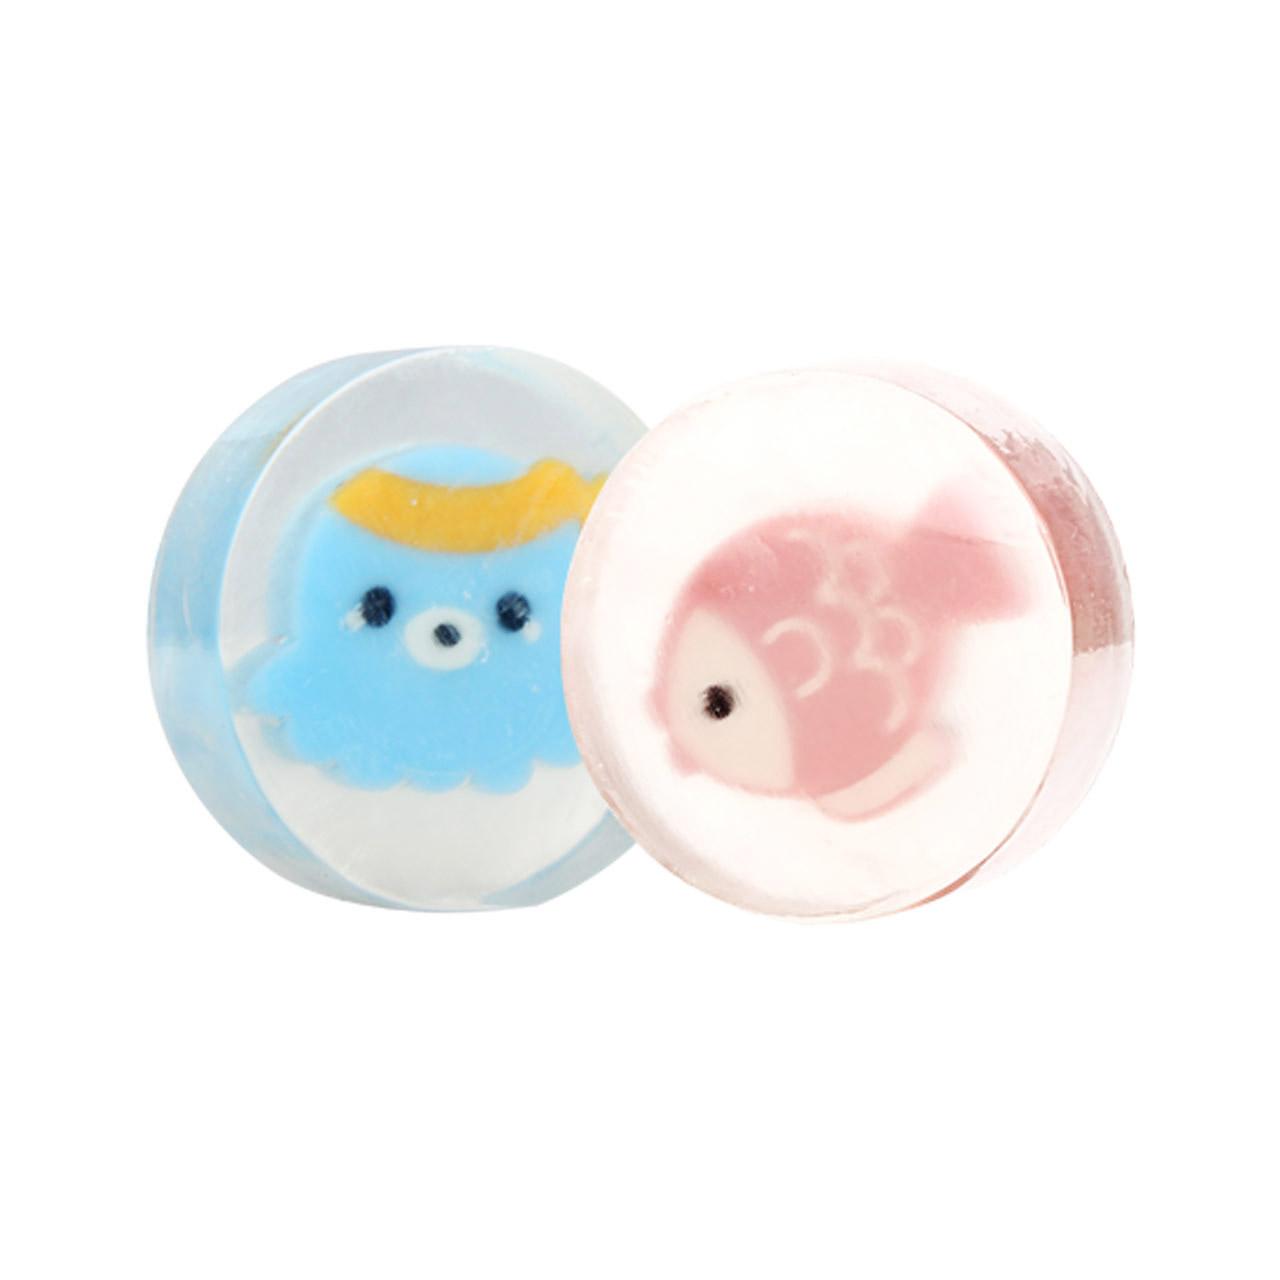 好孩子嬰兒金盞花透明皂香皂寶寶洗發沐浴皂洗手洗臉香皂 裝 eta